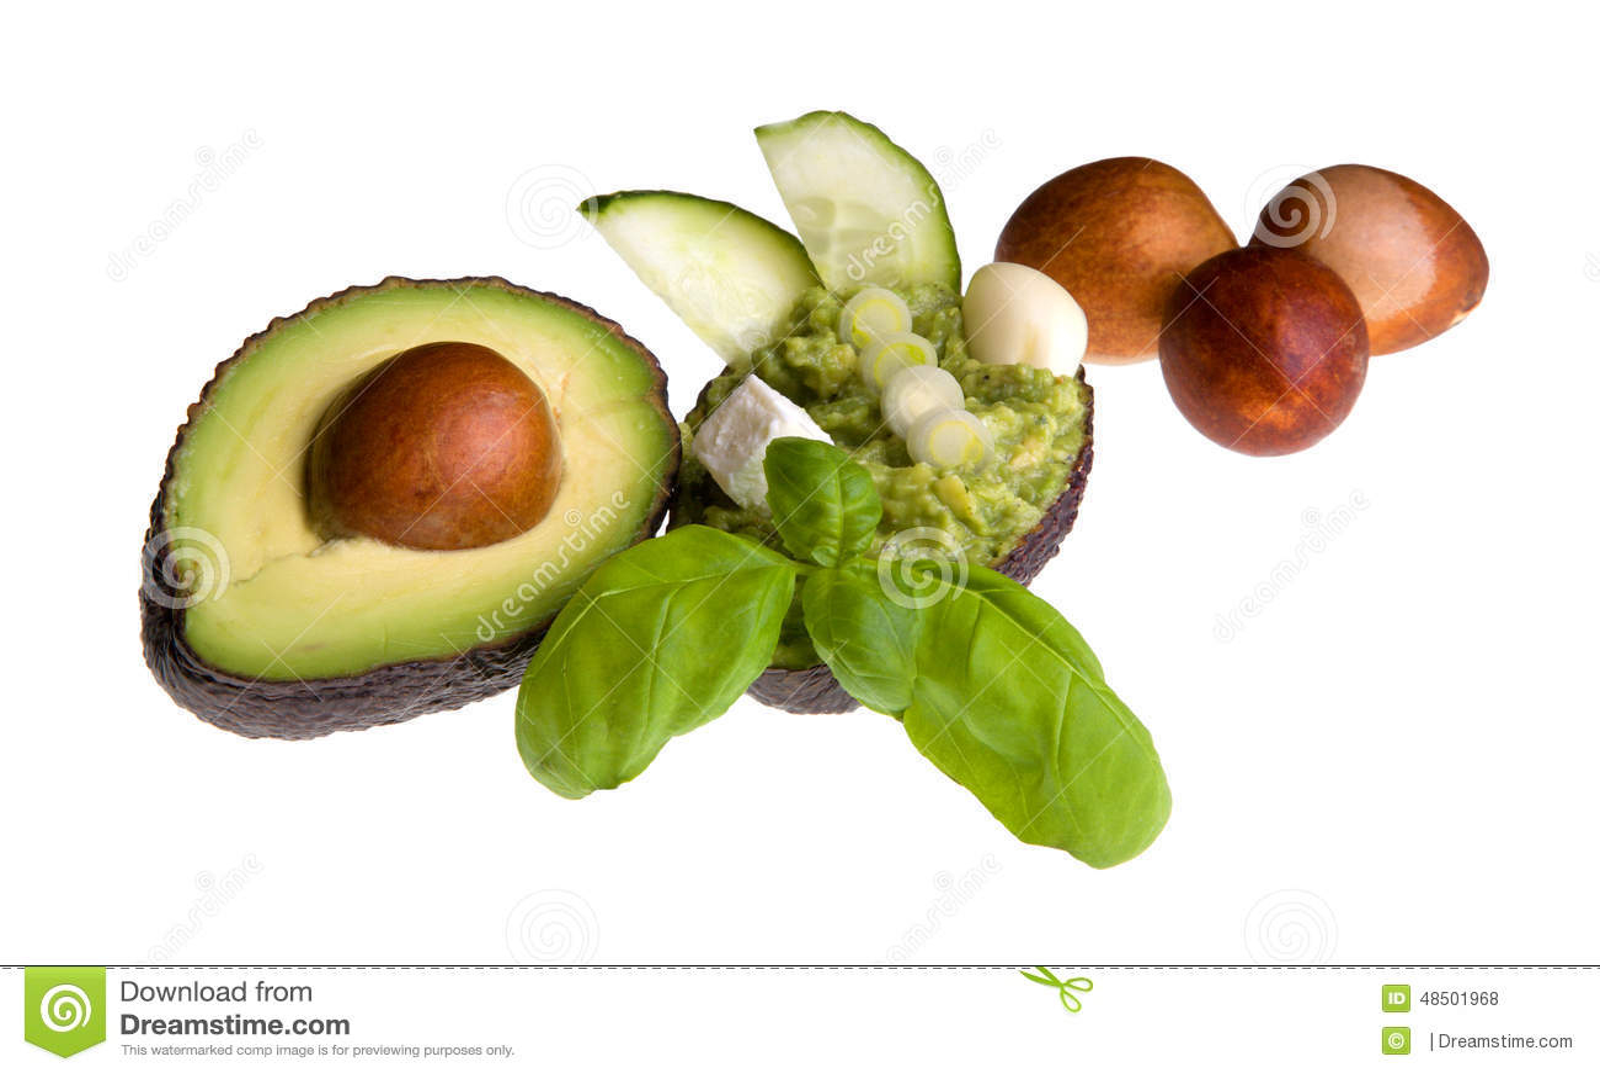 pussy fruit avocado fruit